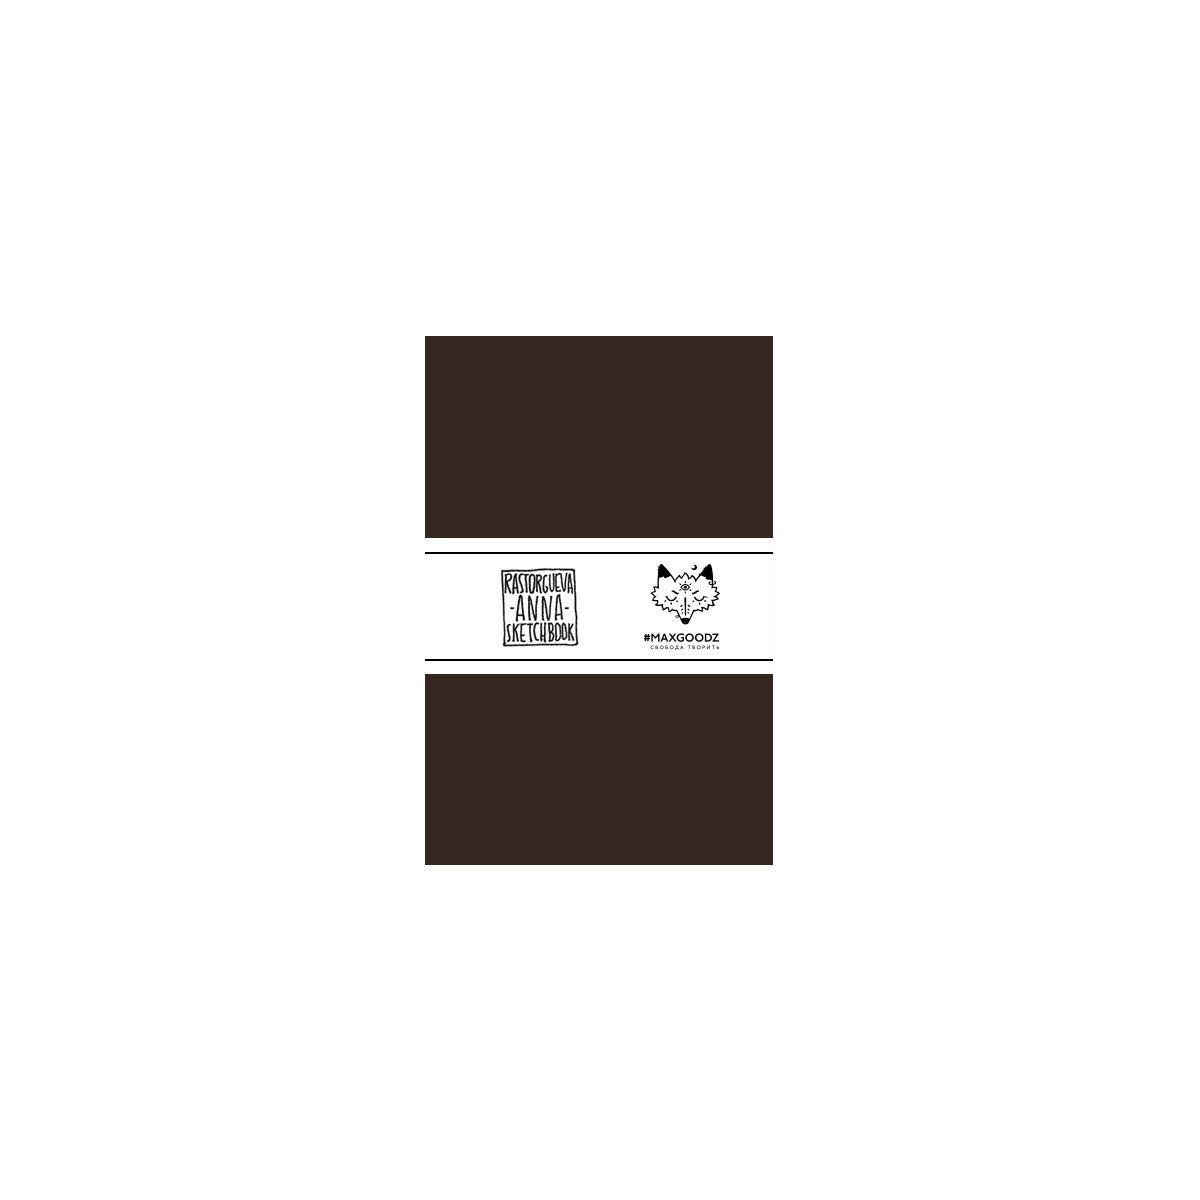 Купить Скетчбук для маркеров Maxgoodz Pocket Marker А6, 20 л, 220 г Коричневый, Россия